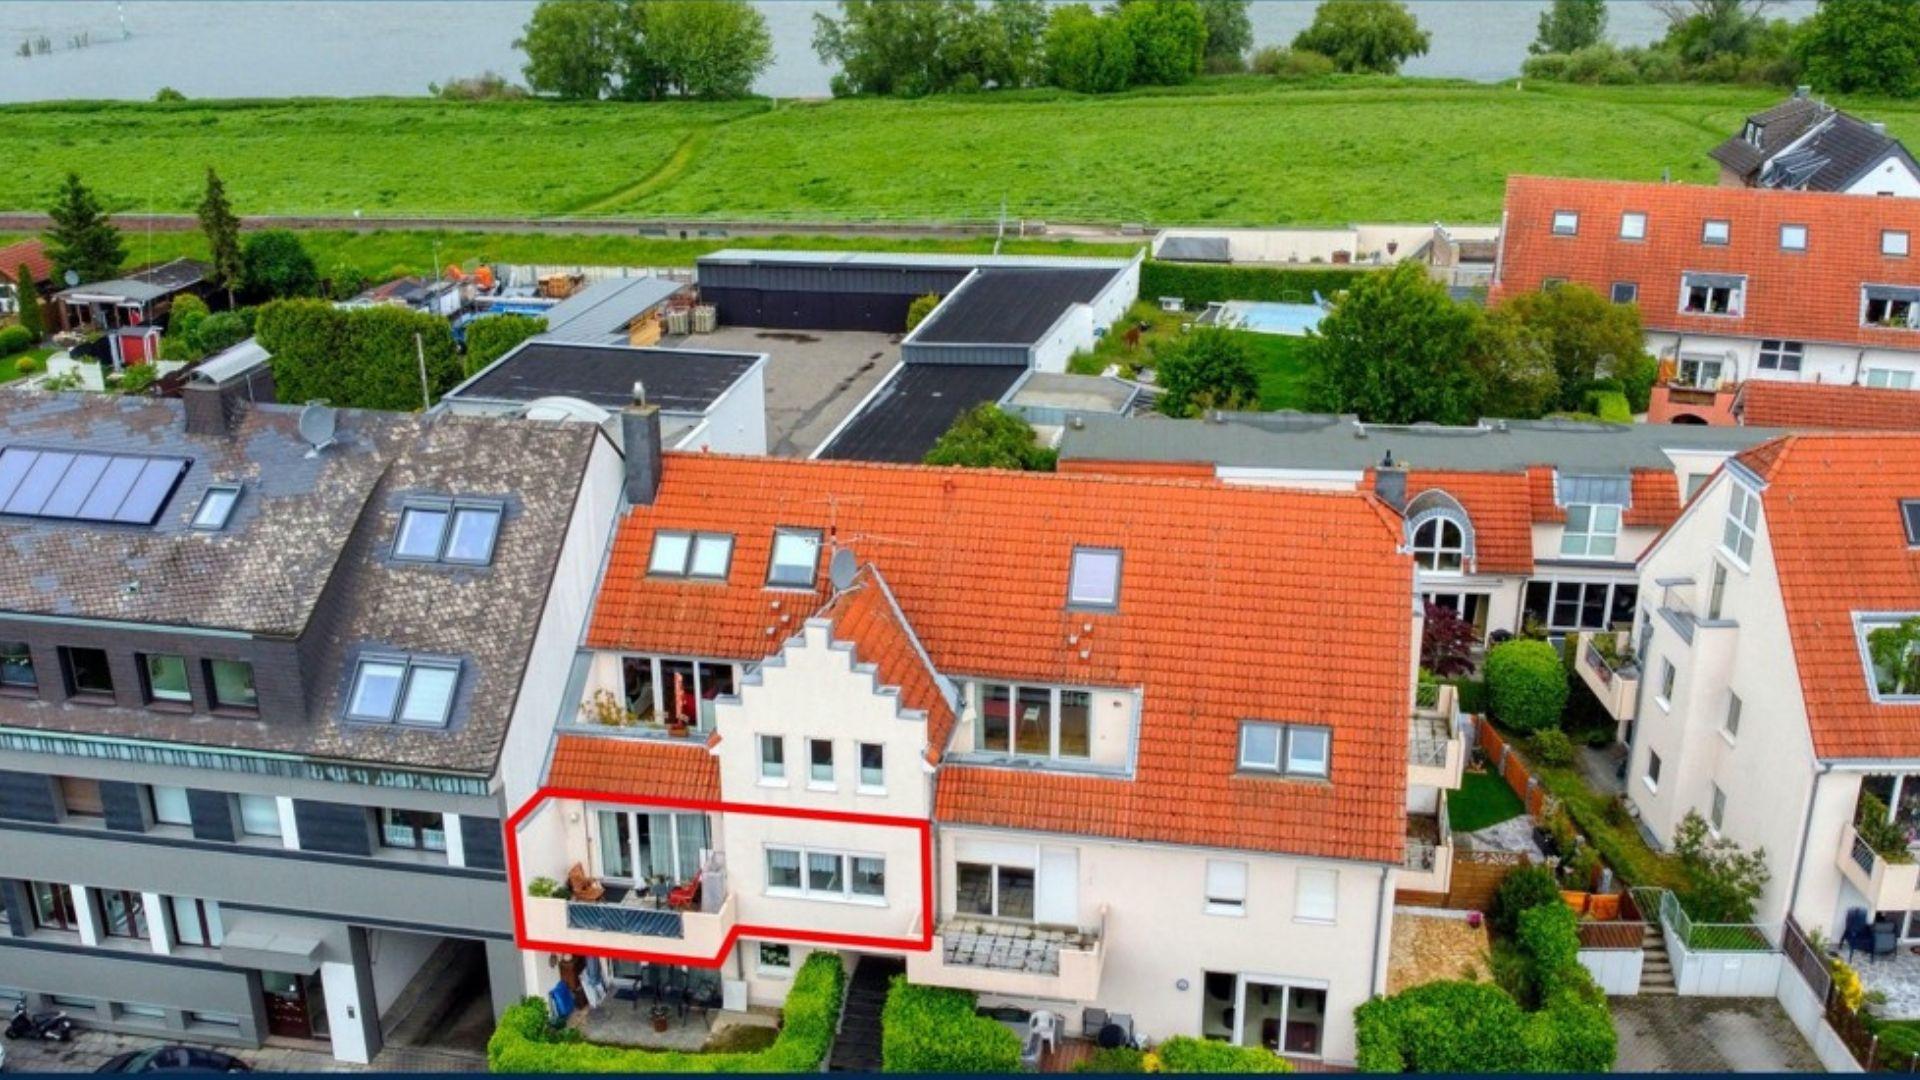 Direkt am Rhein - Attraktive Kapitalanlage im Kölner Norden